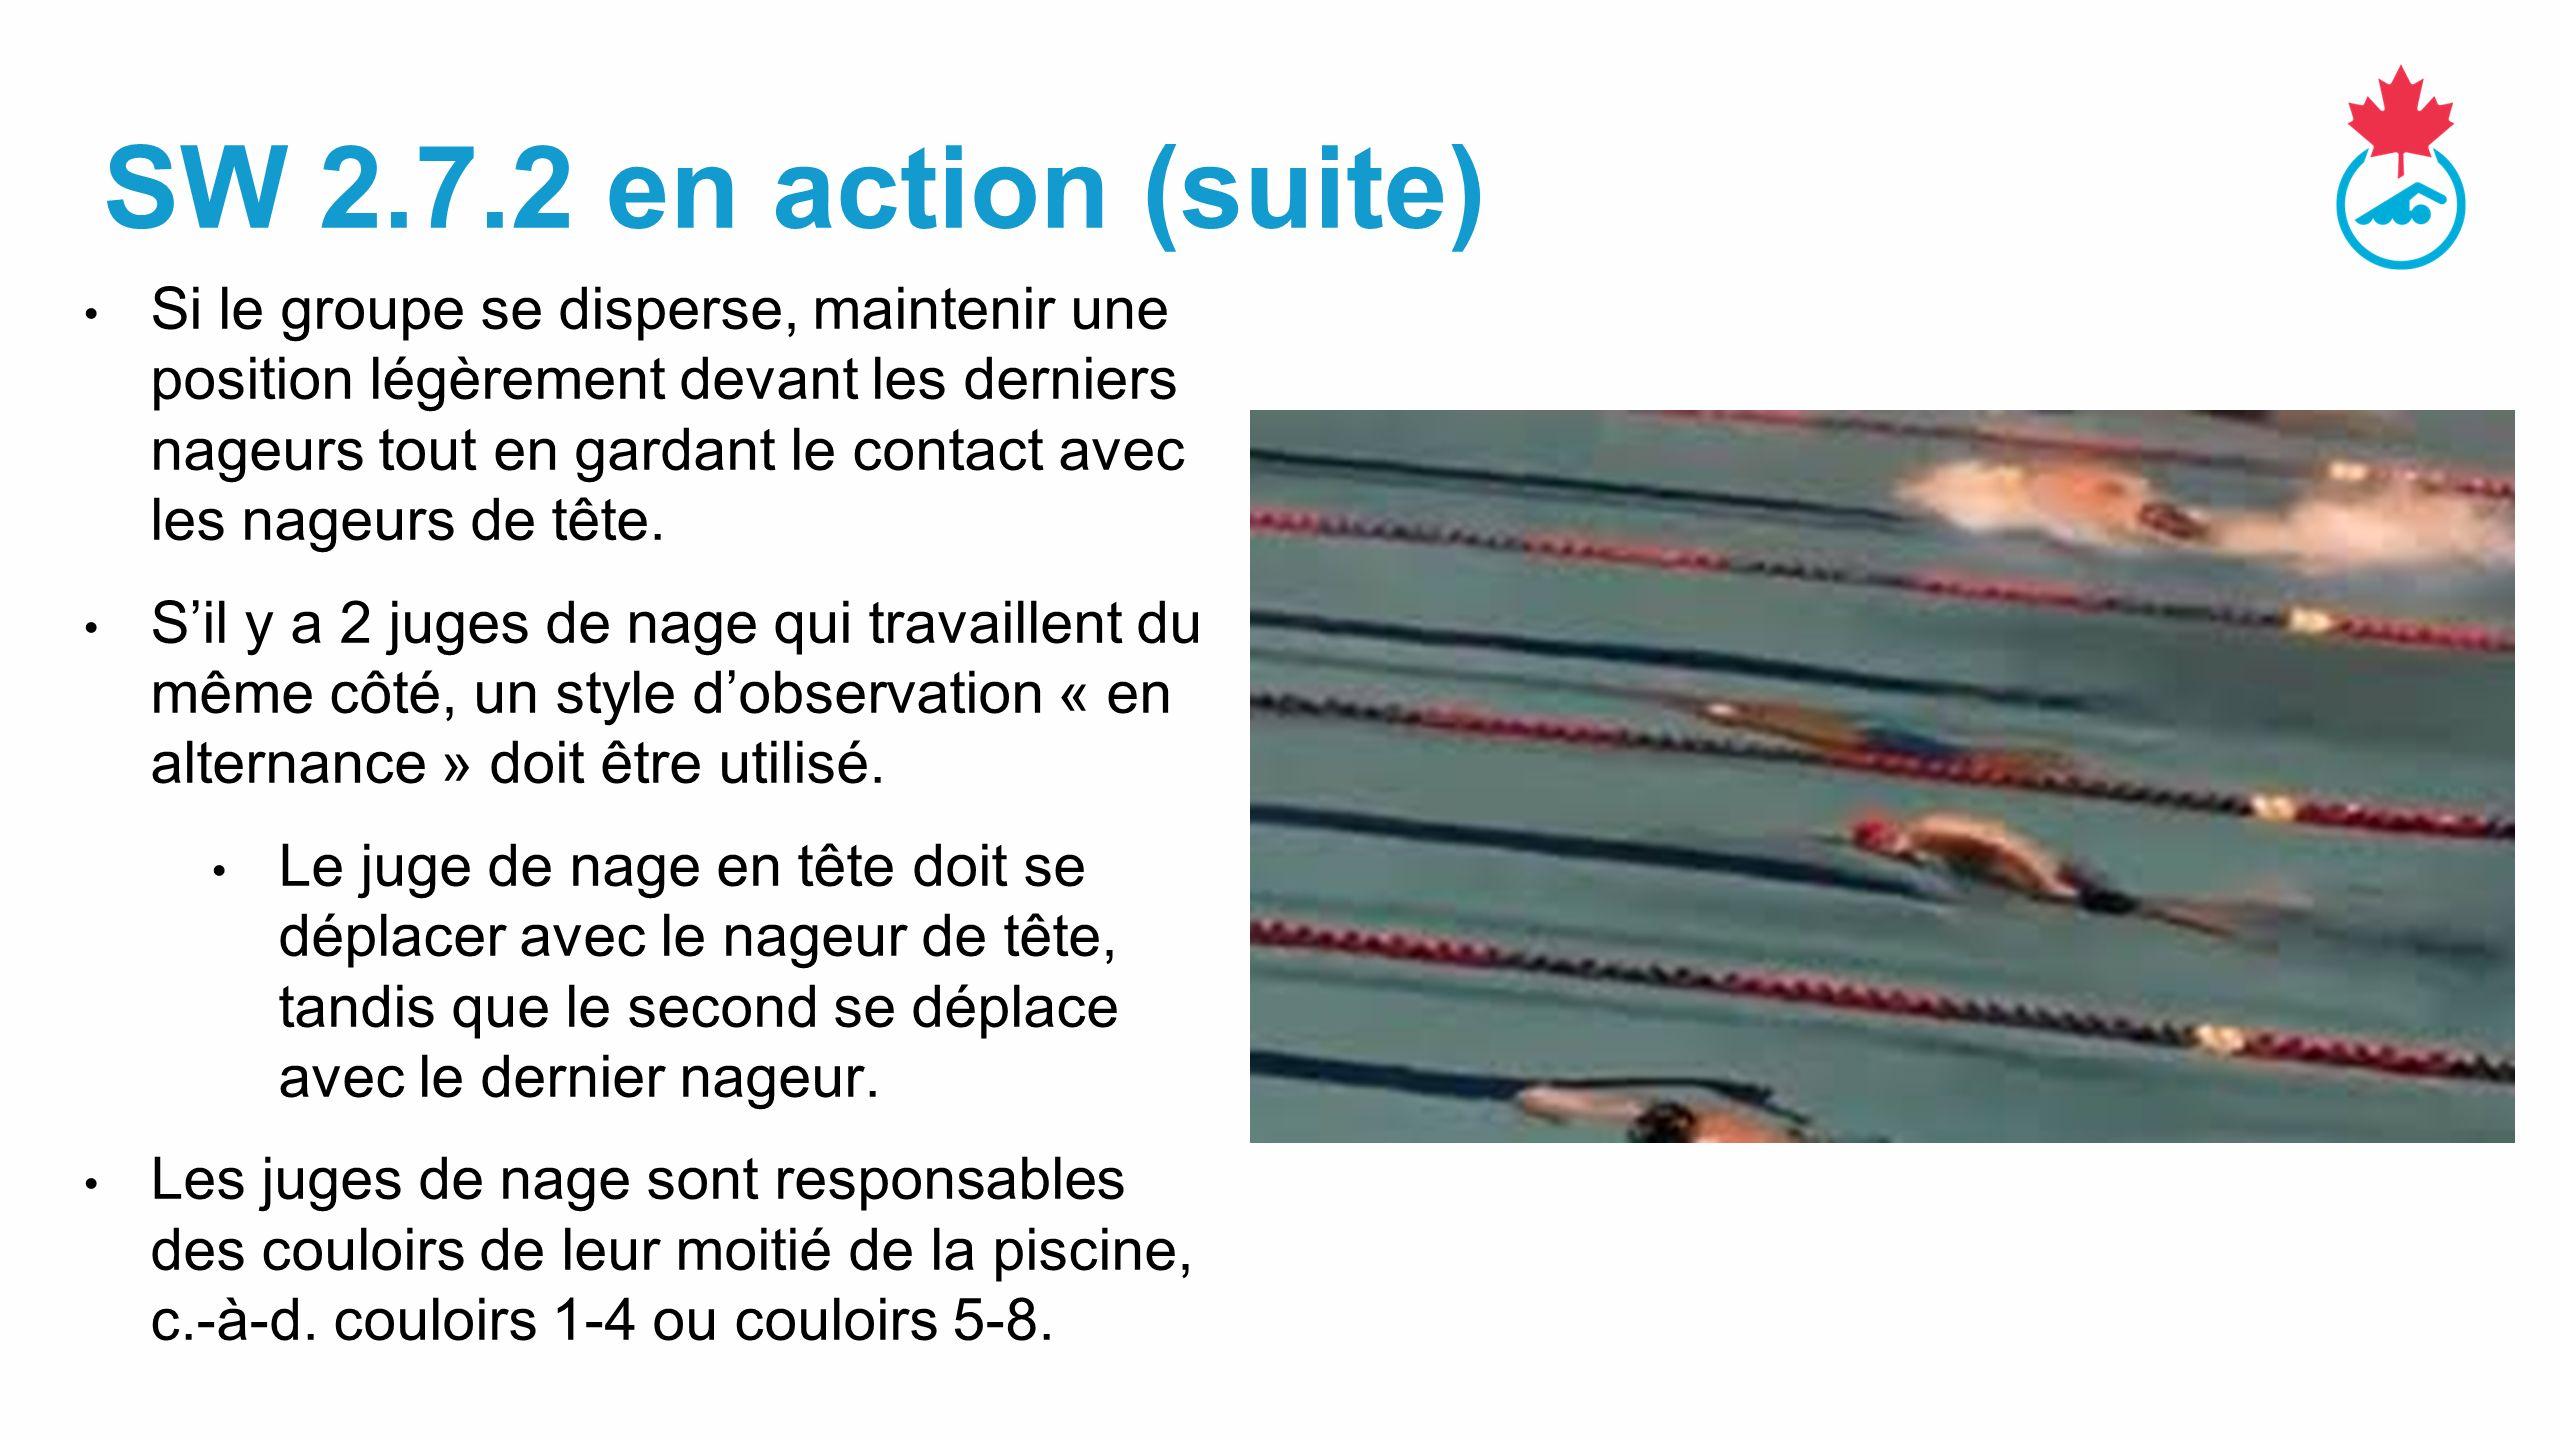 SW 2.7.2 en action (suite) Si le groupe se disperse, maintenir une position légèrement devant les derniers nageurs tout en gardant le contact avec les nageurs de tête.